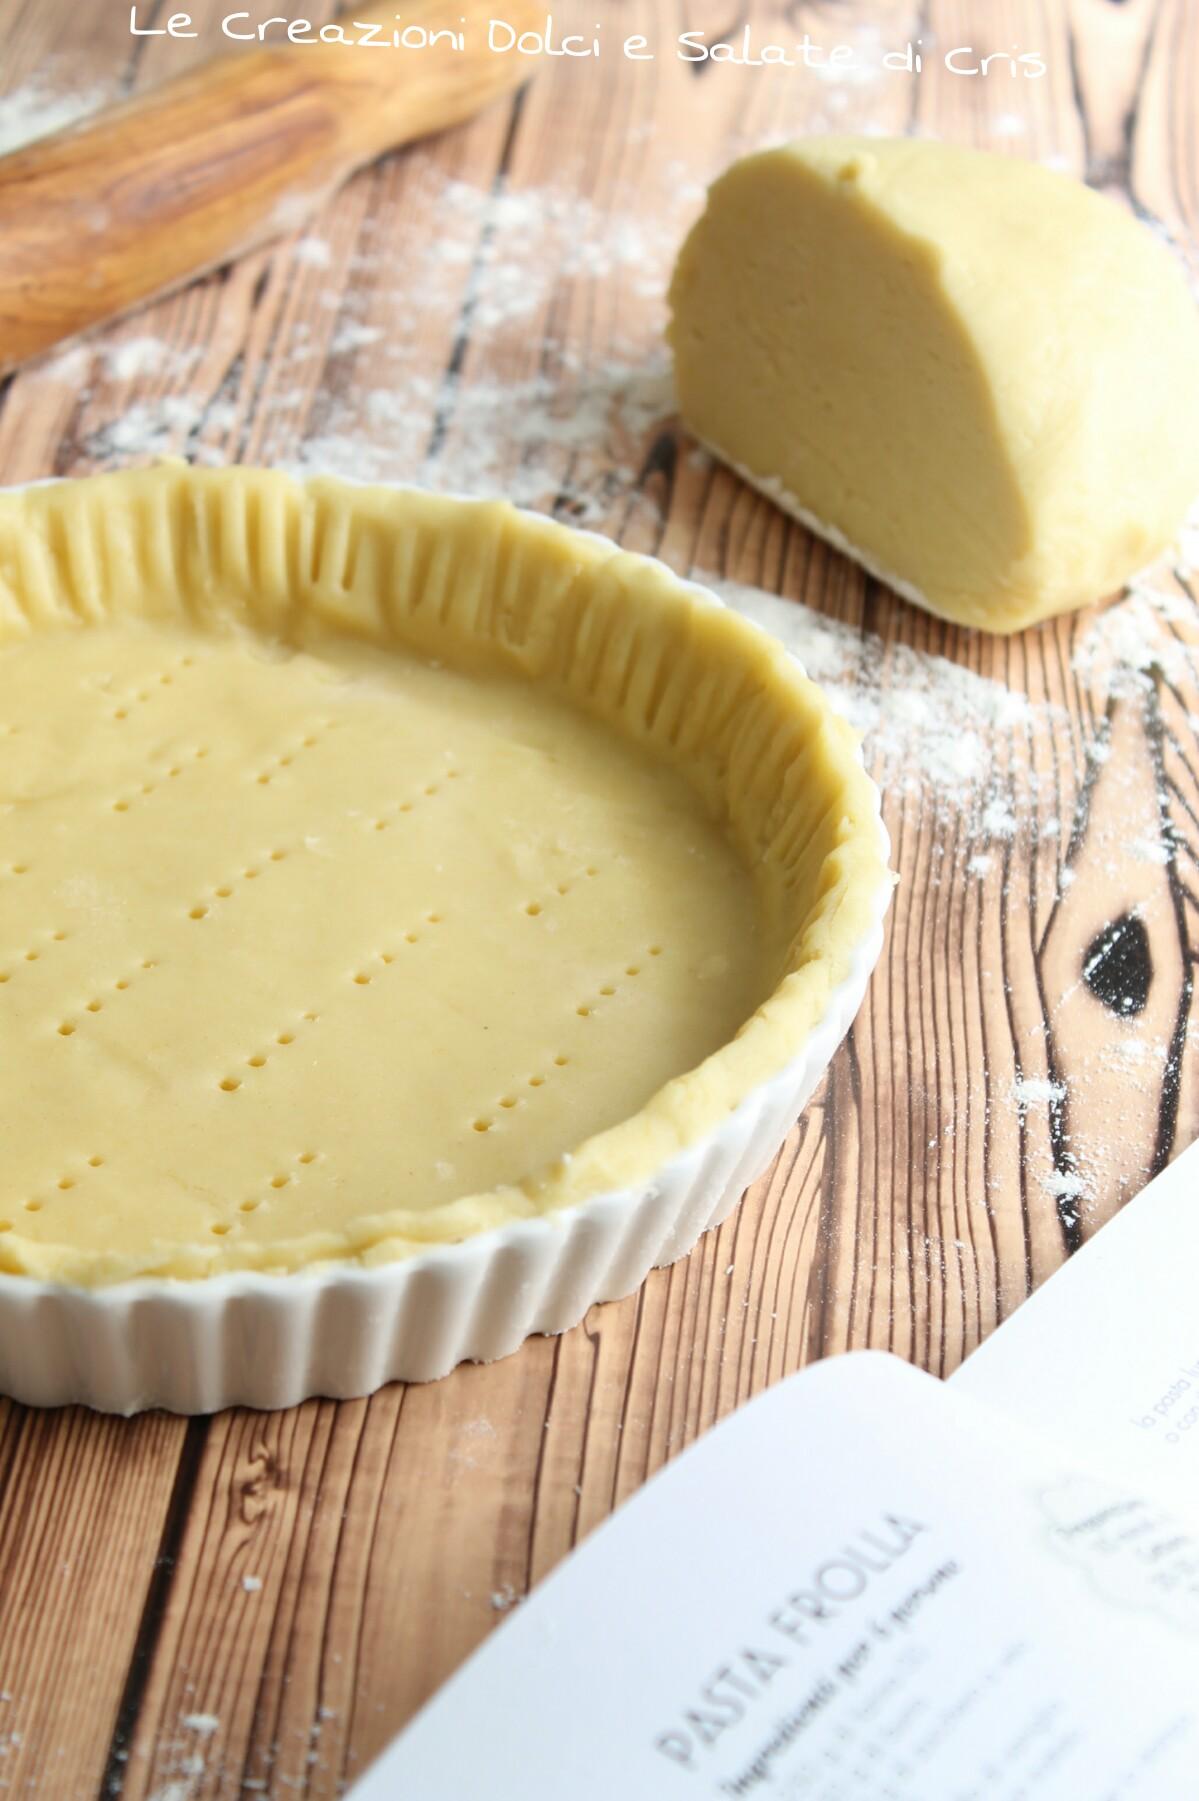 Ricetta Pasta Frolla Zucchero Normale.Pasta Frolla Con Zucchero A Velo Le Creazioni Dolci E Salate Di Cris